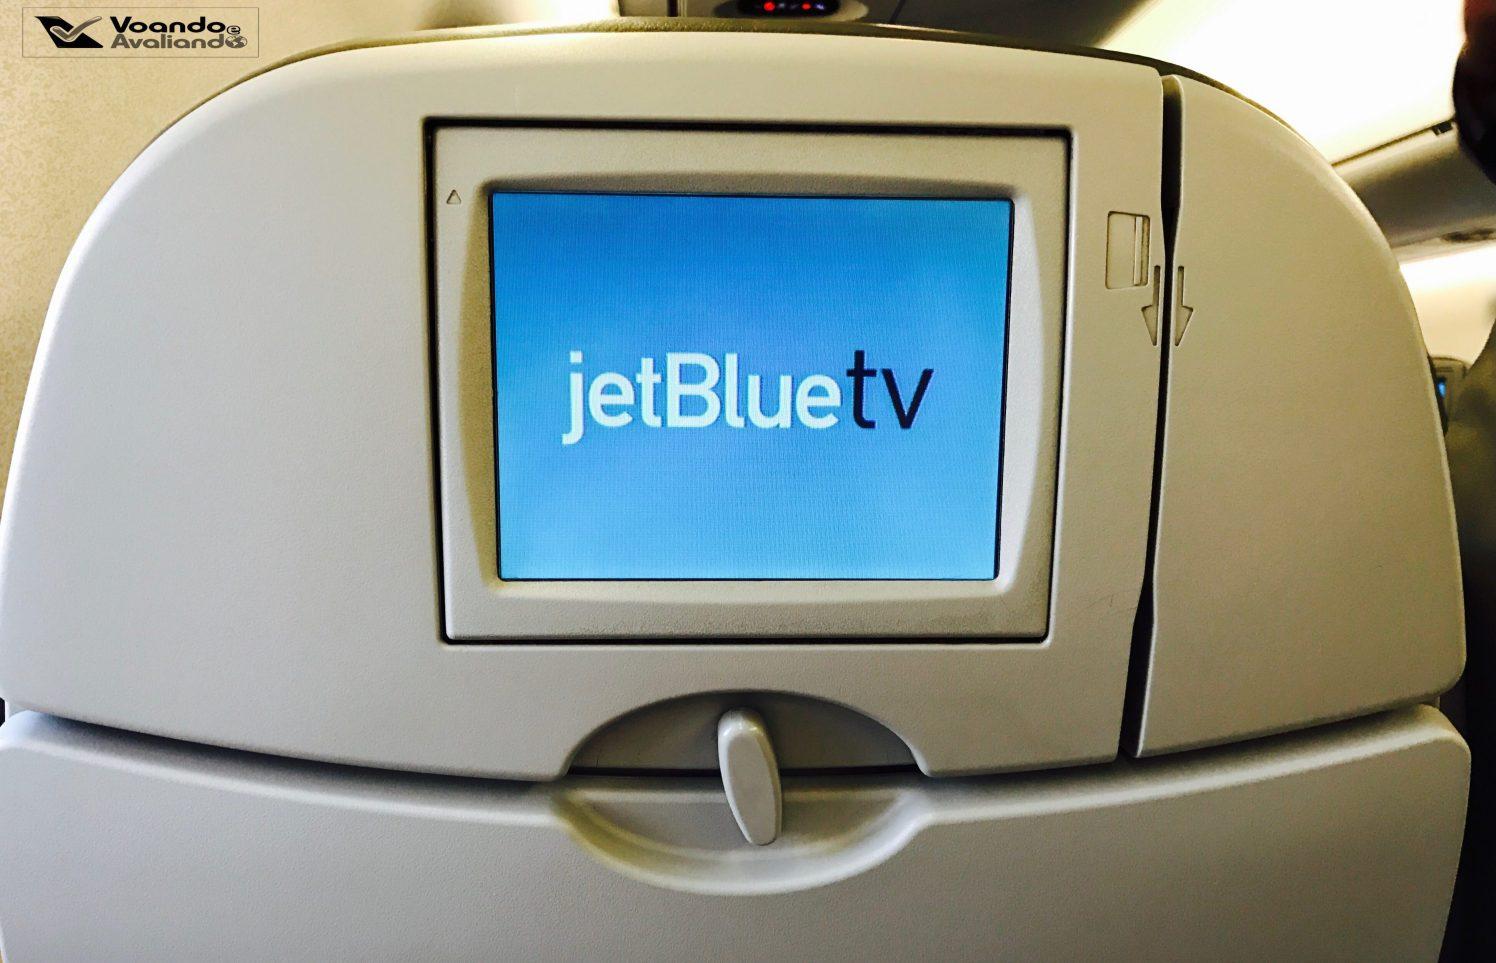 IFE - E190 - Jetblue